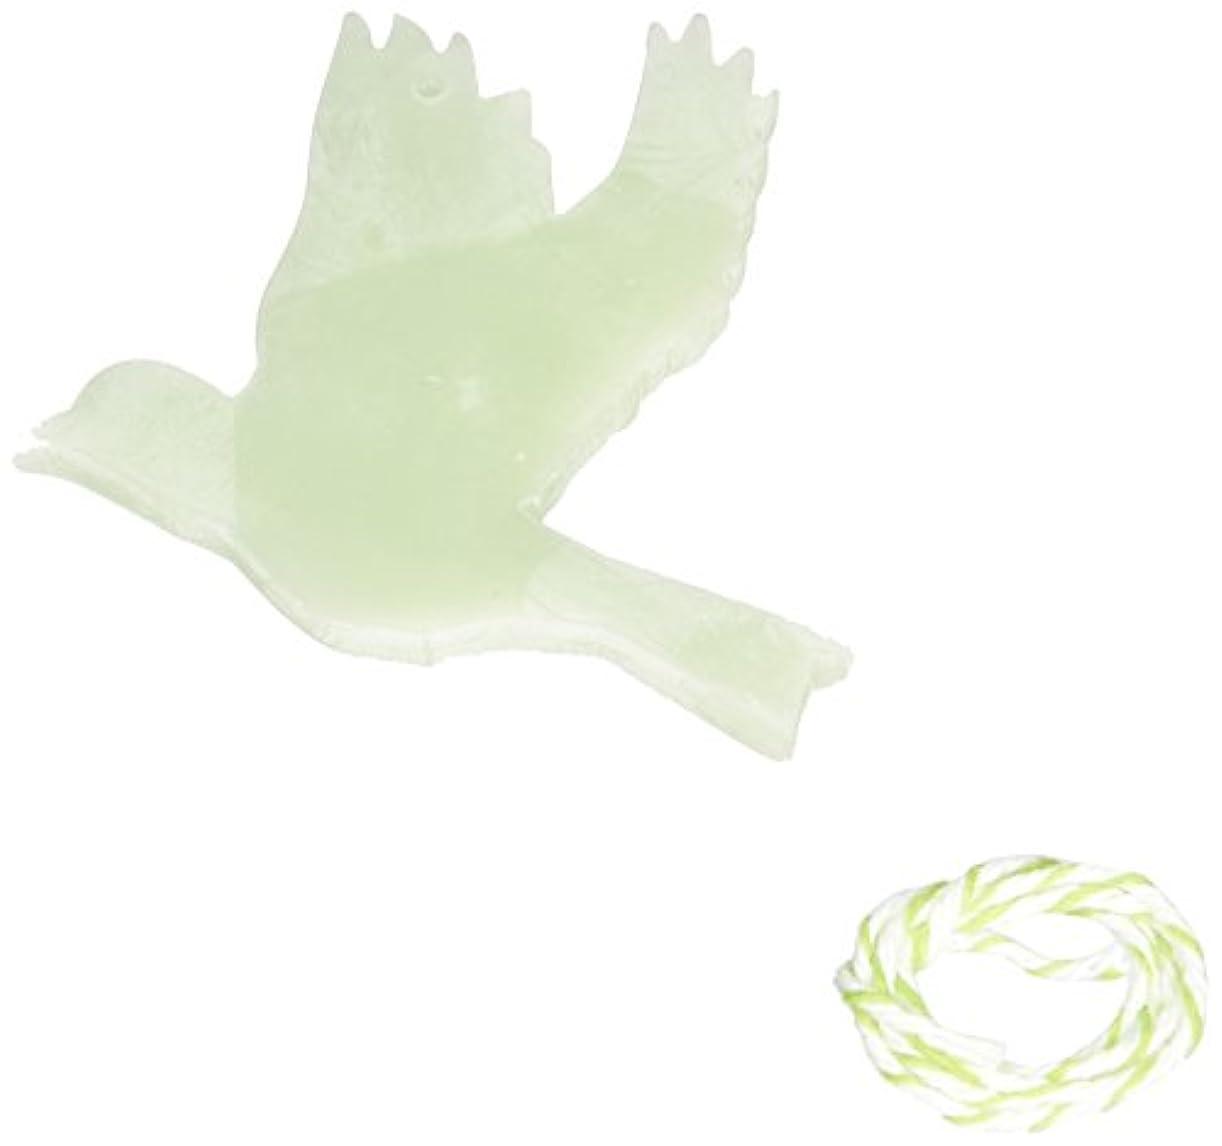 資格ナサニエル区シェフGRASSE TOKYO AROMATICWAXチャーム「ハト」(GR) レモングラス アロマティックワックス グラーストウキョウ